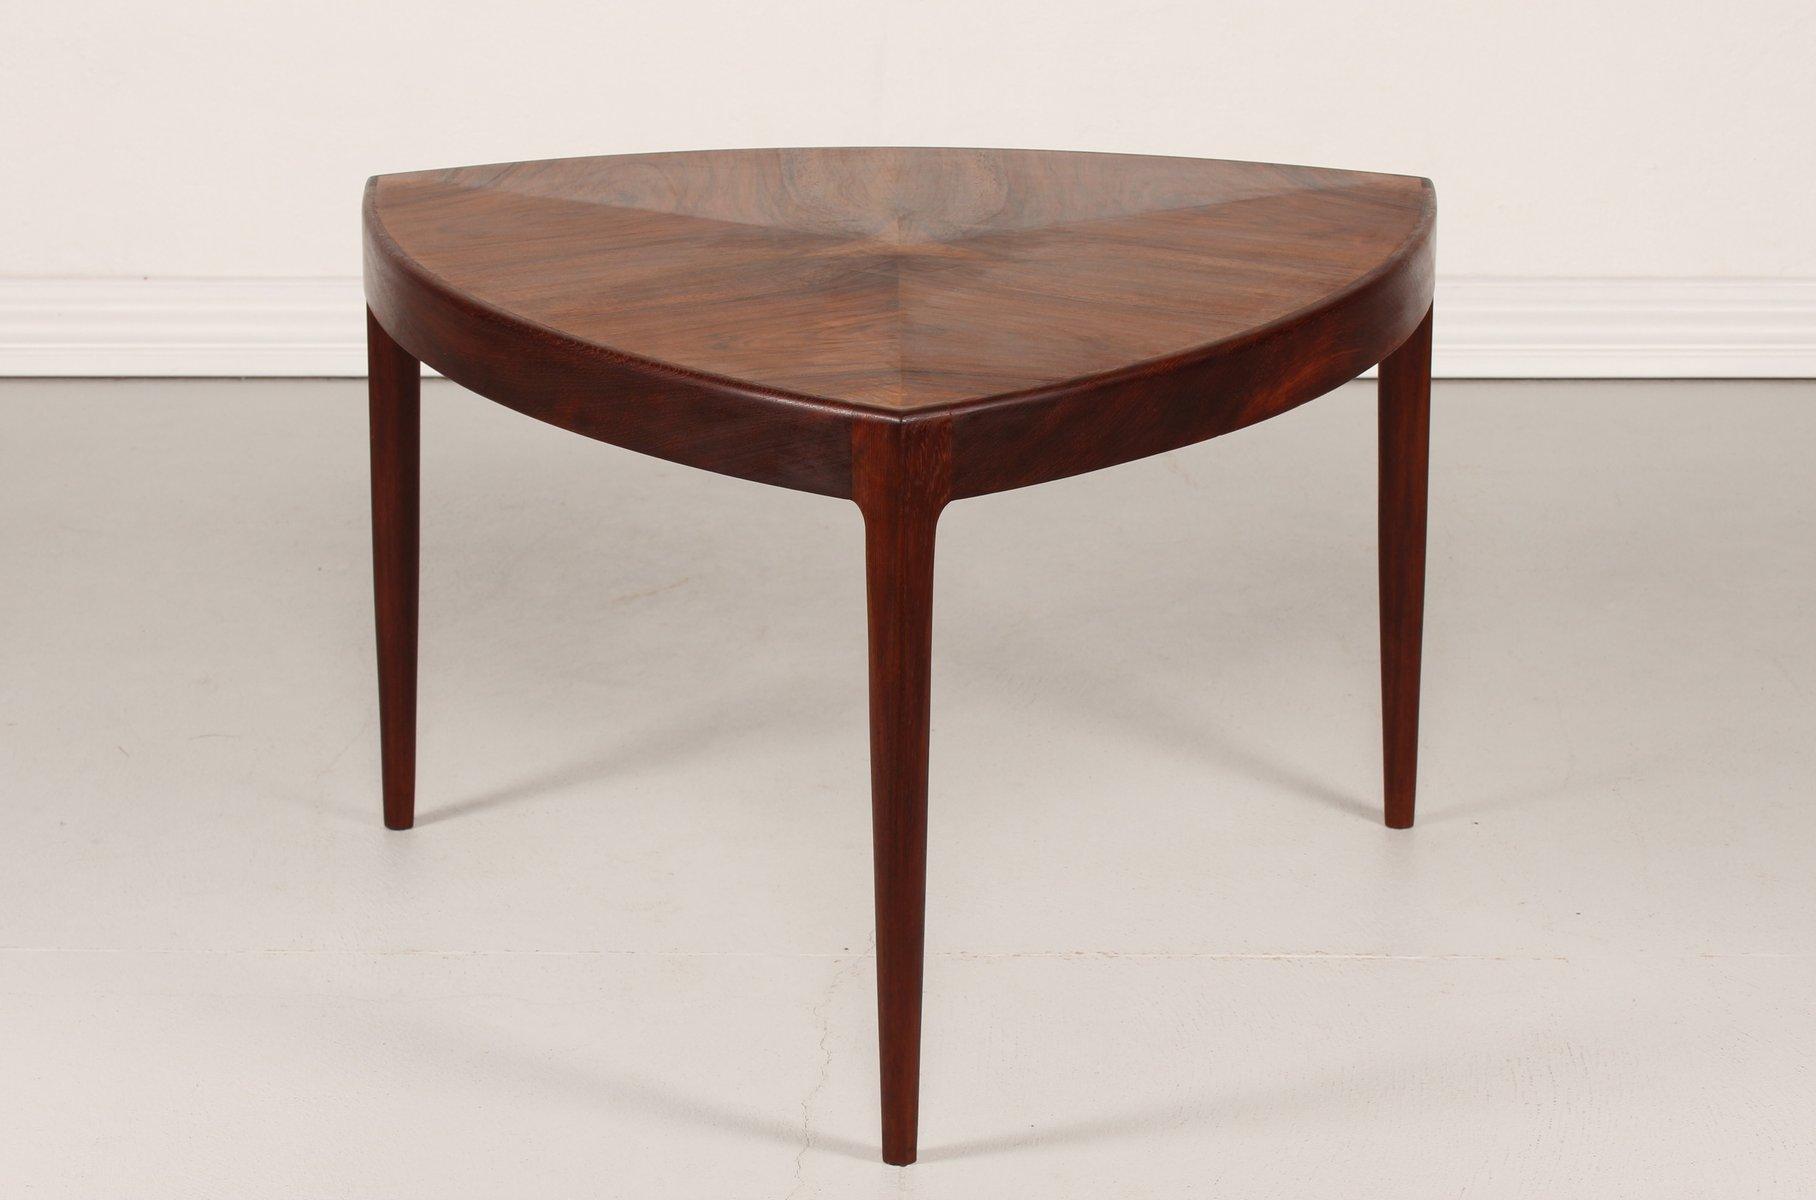 table basse vintage triangulaire danemark 1950s en vente. Black Bedroom Furniture Sets. Home Design Ideas